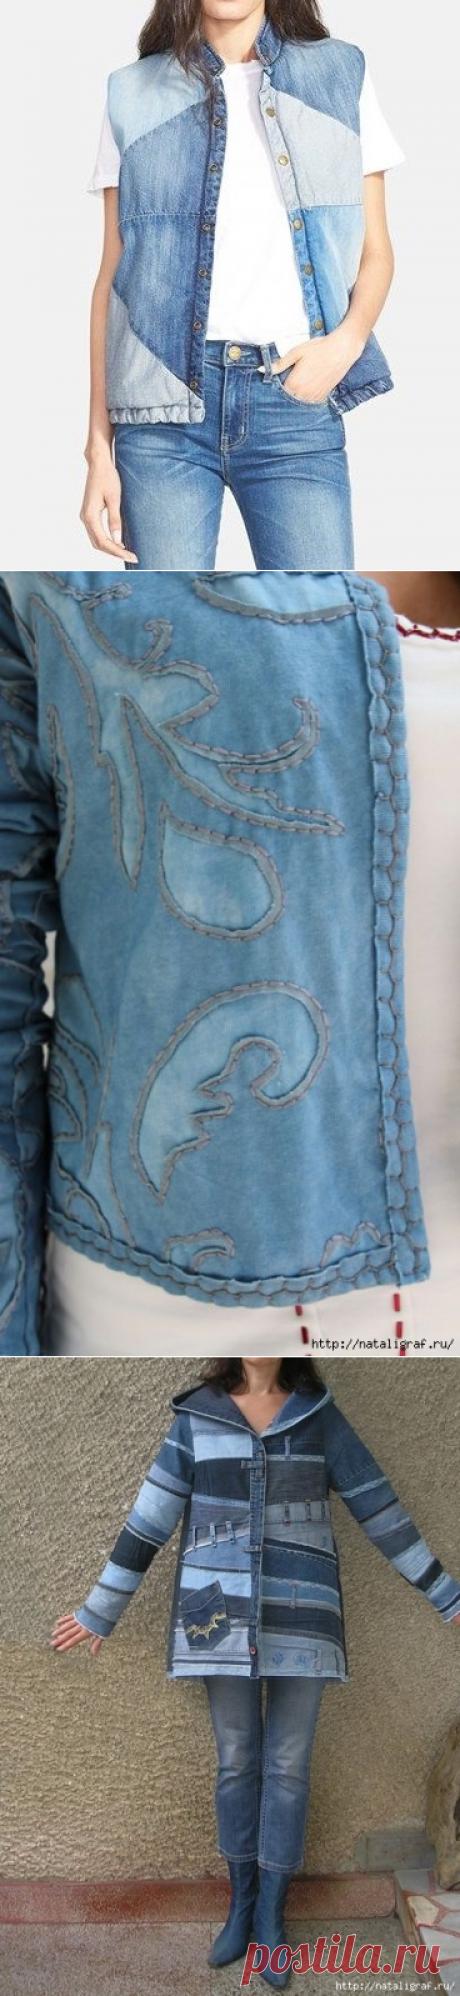 Из пары джинсов - нечто оригинальное